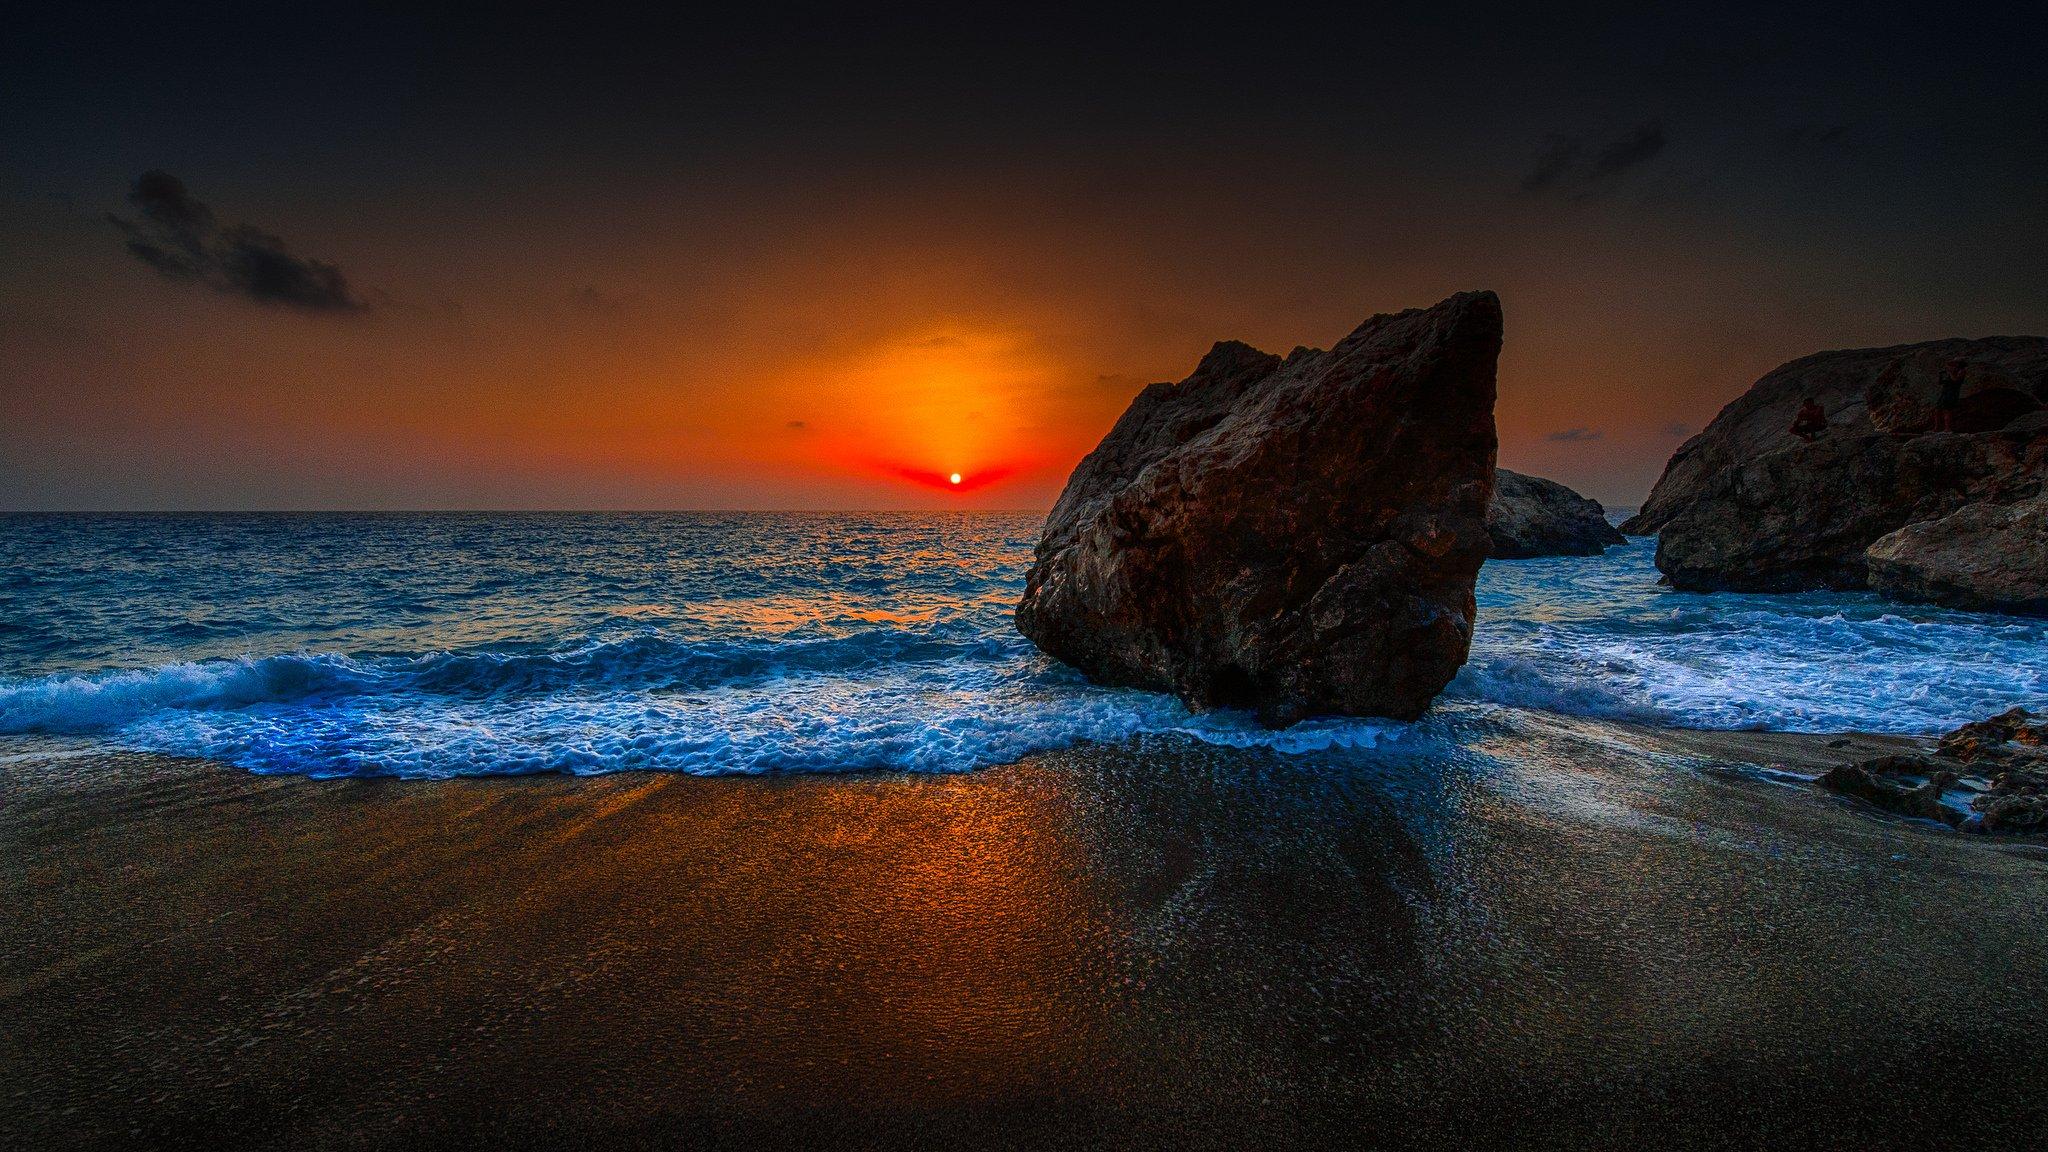 природа скалы море солнце облака отражение онлайн